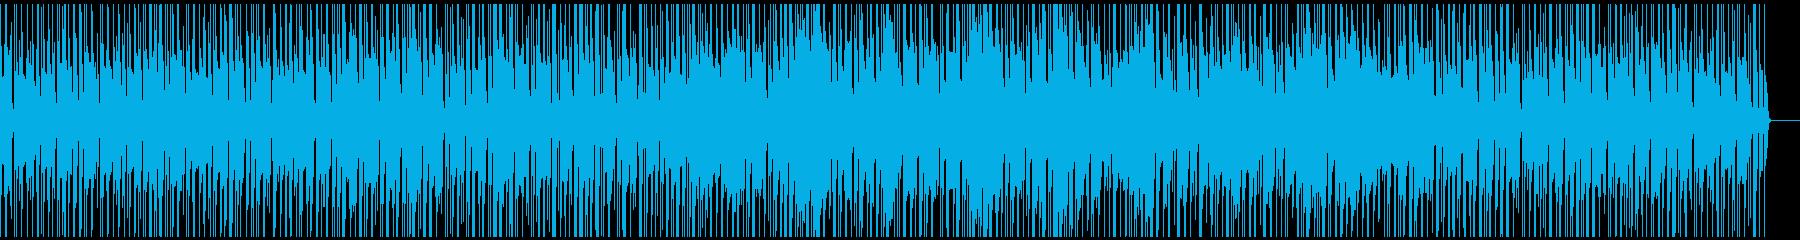 ドラムとベースの激しい曲 の再生済みの波形